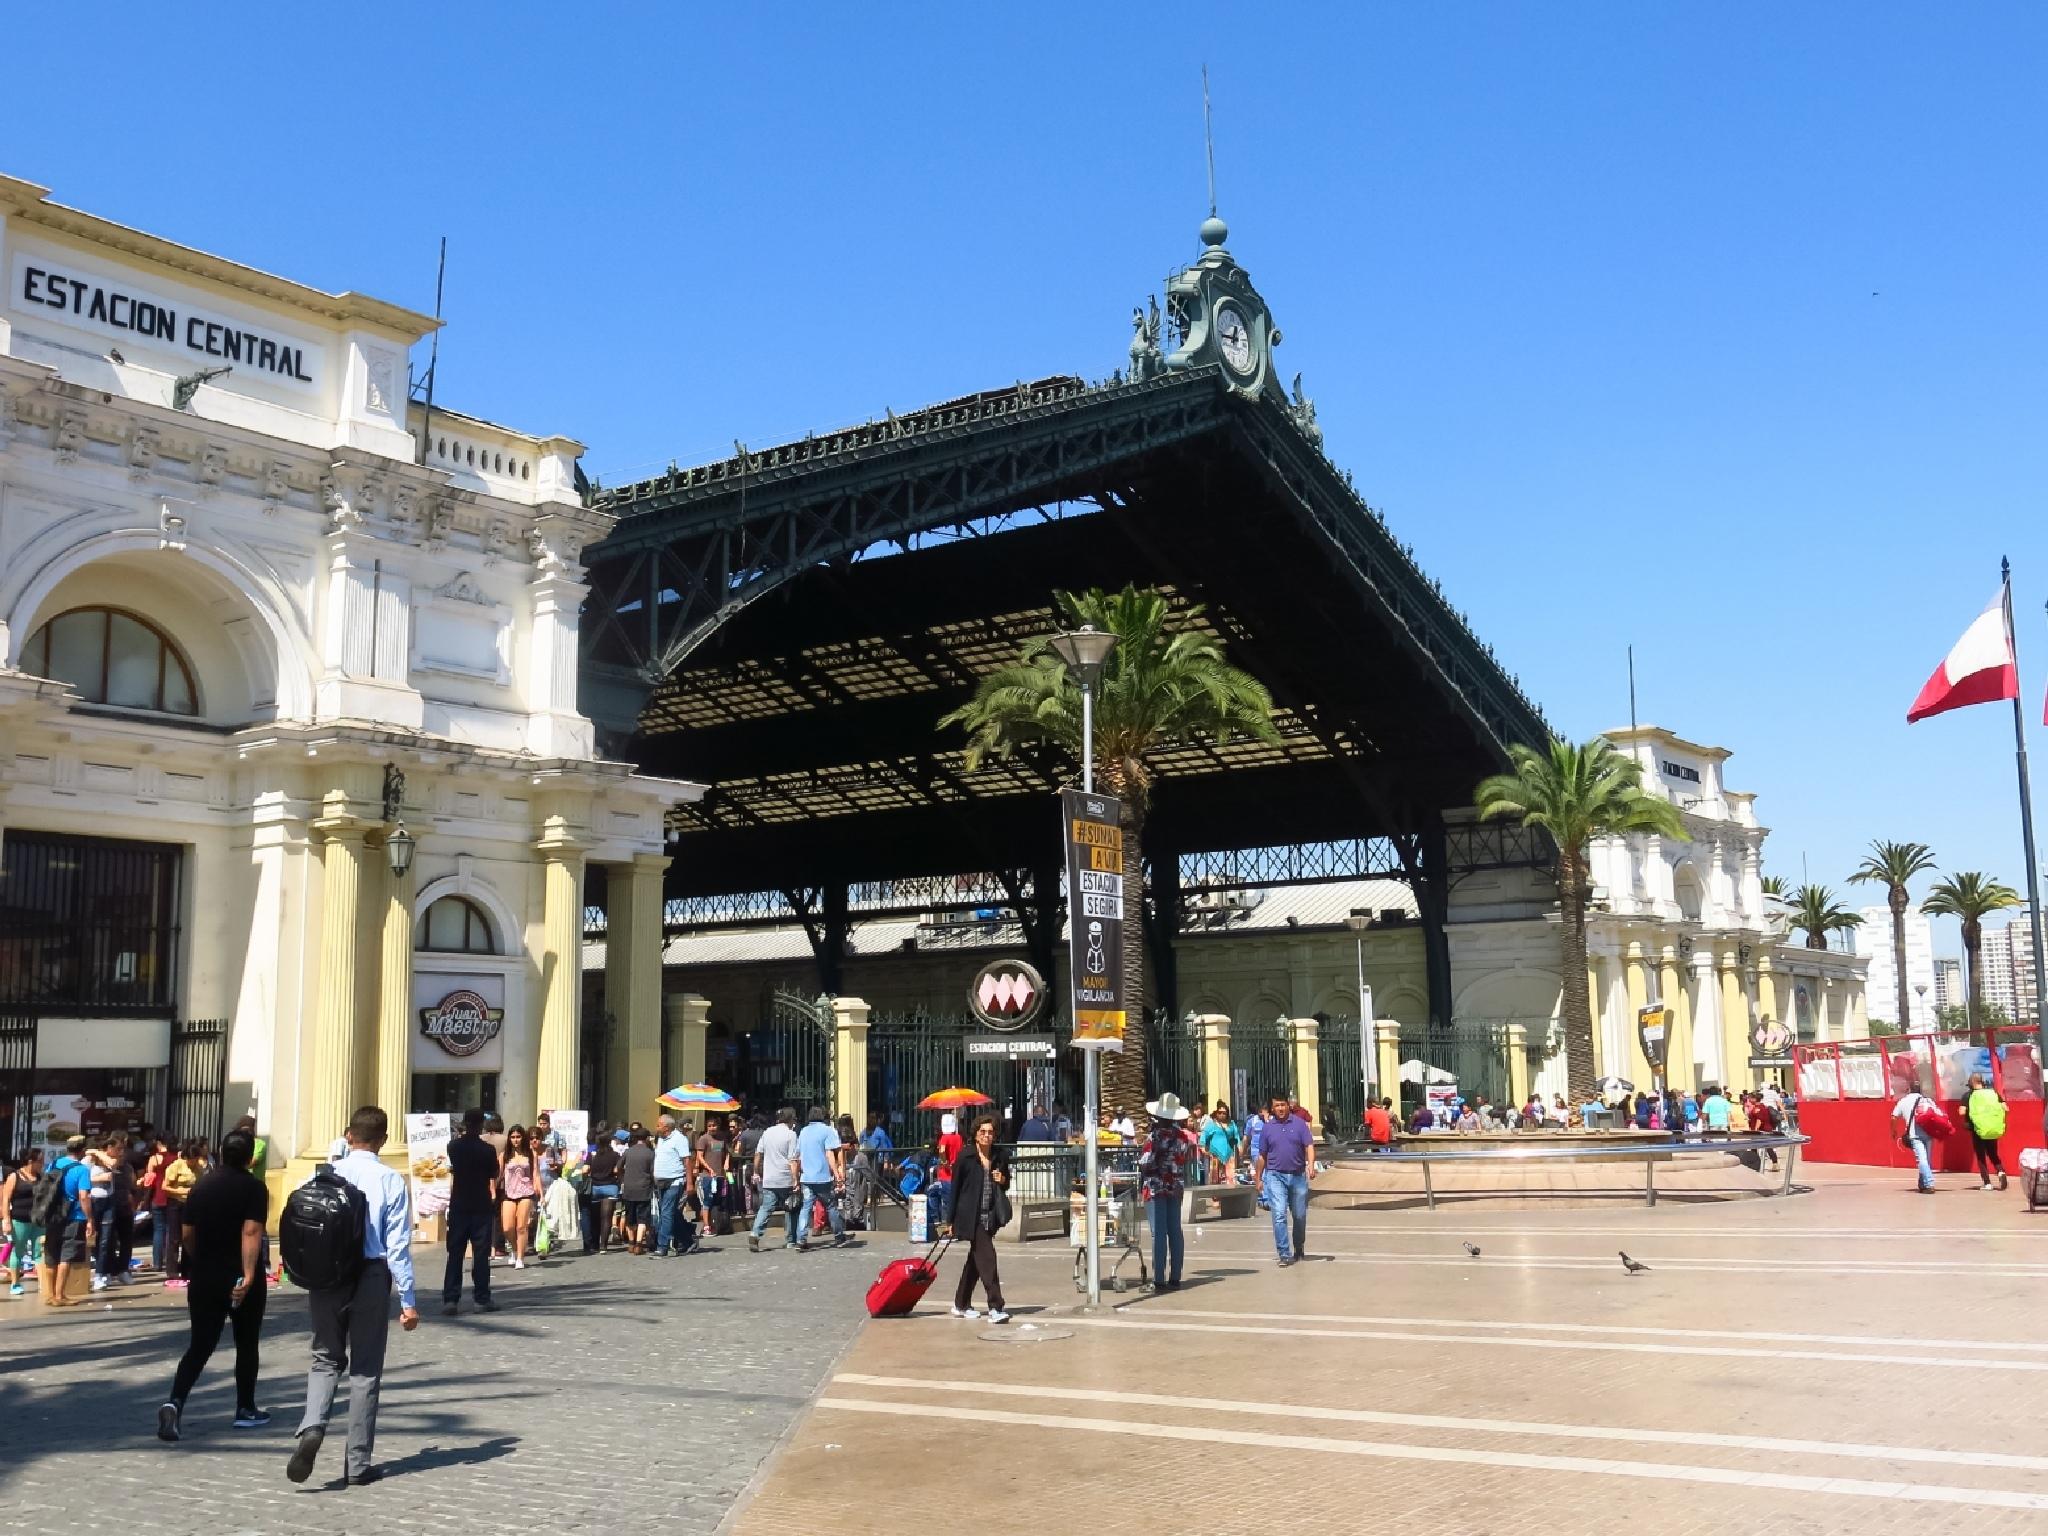 Estacion Central, Santiago